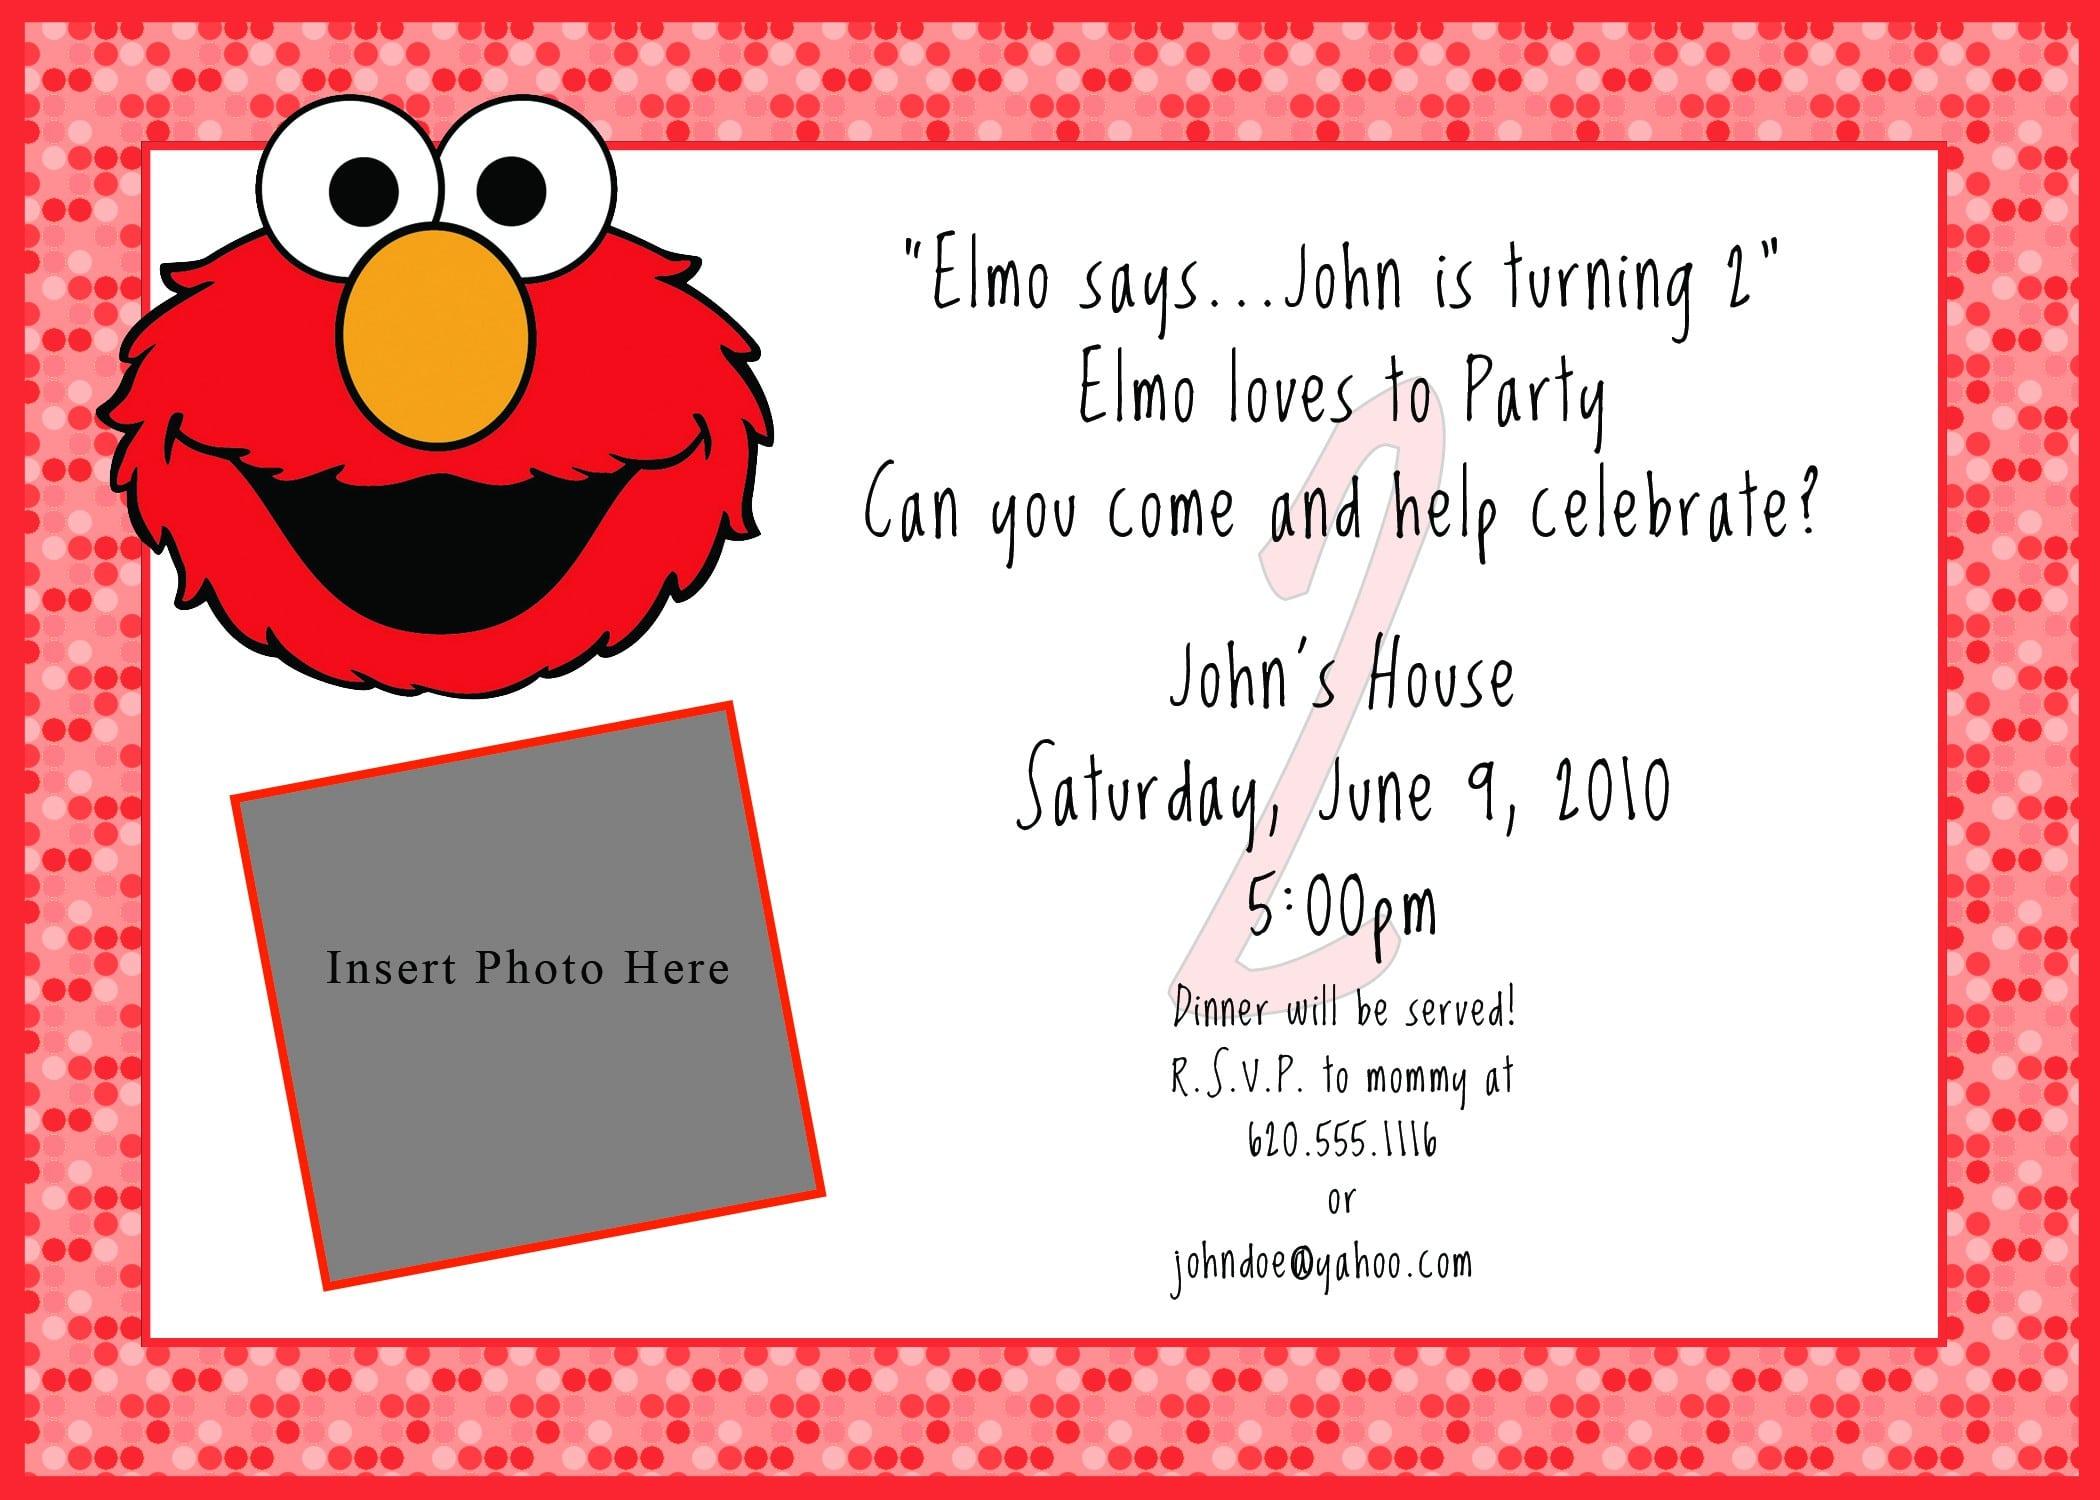 printable_elmo_birthday_invitations_template.jpeg